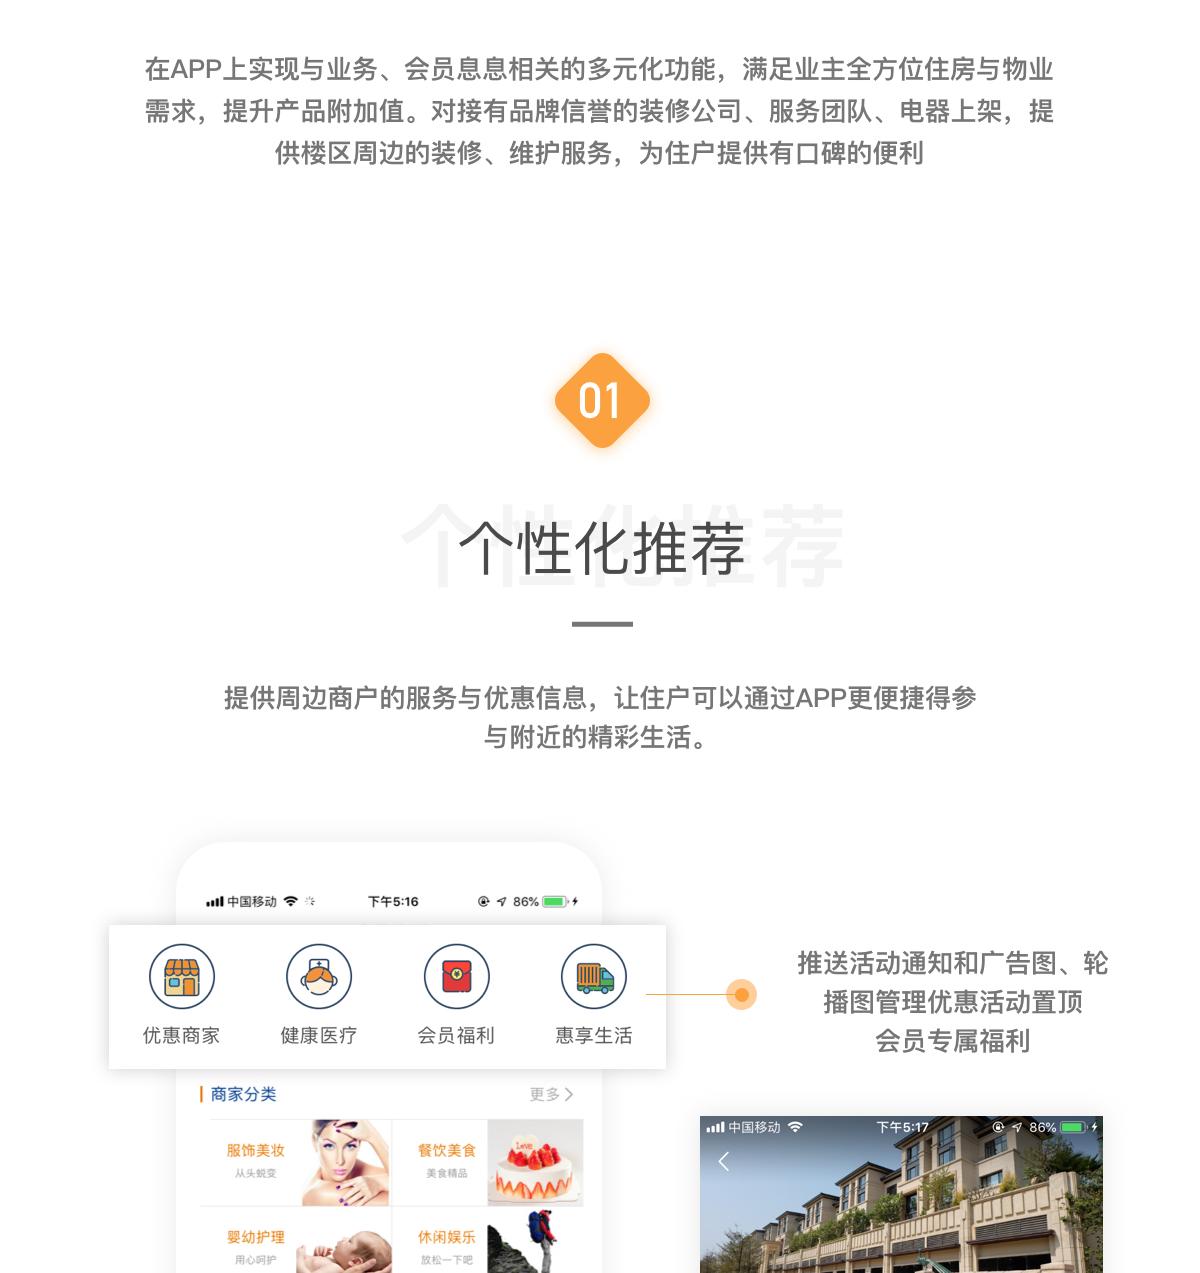 碧桂园物业管理APP解决方案-1080_03.png